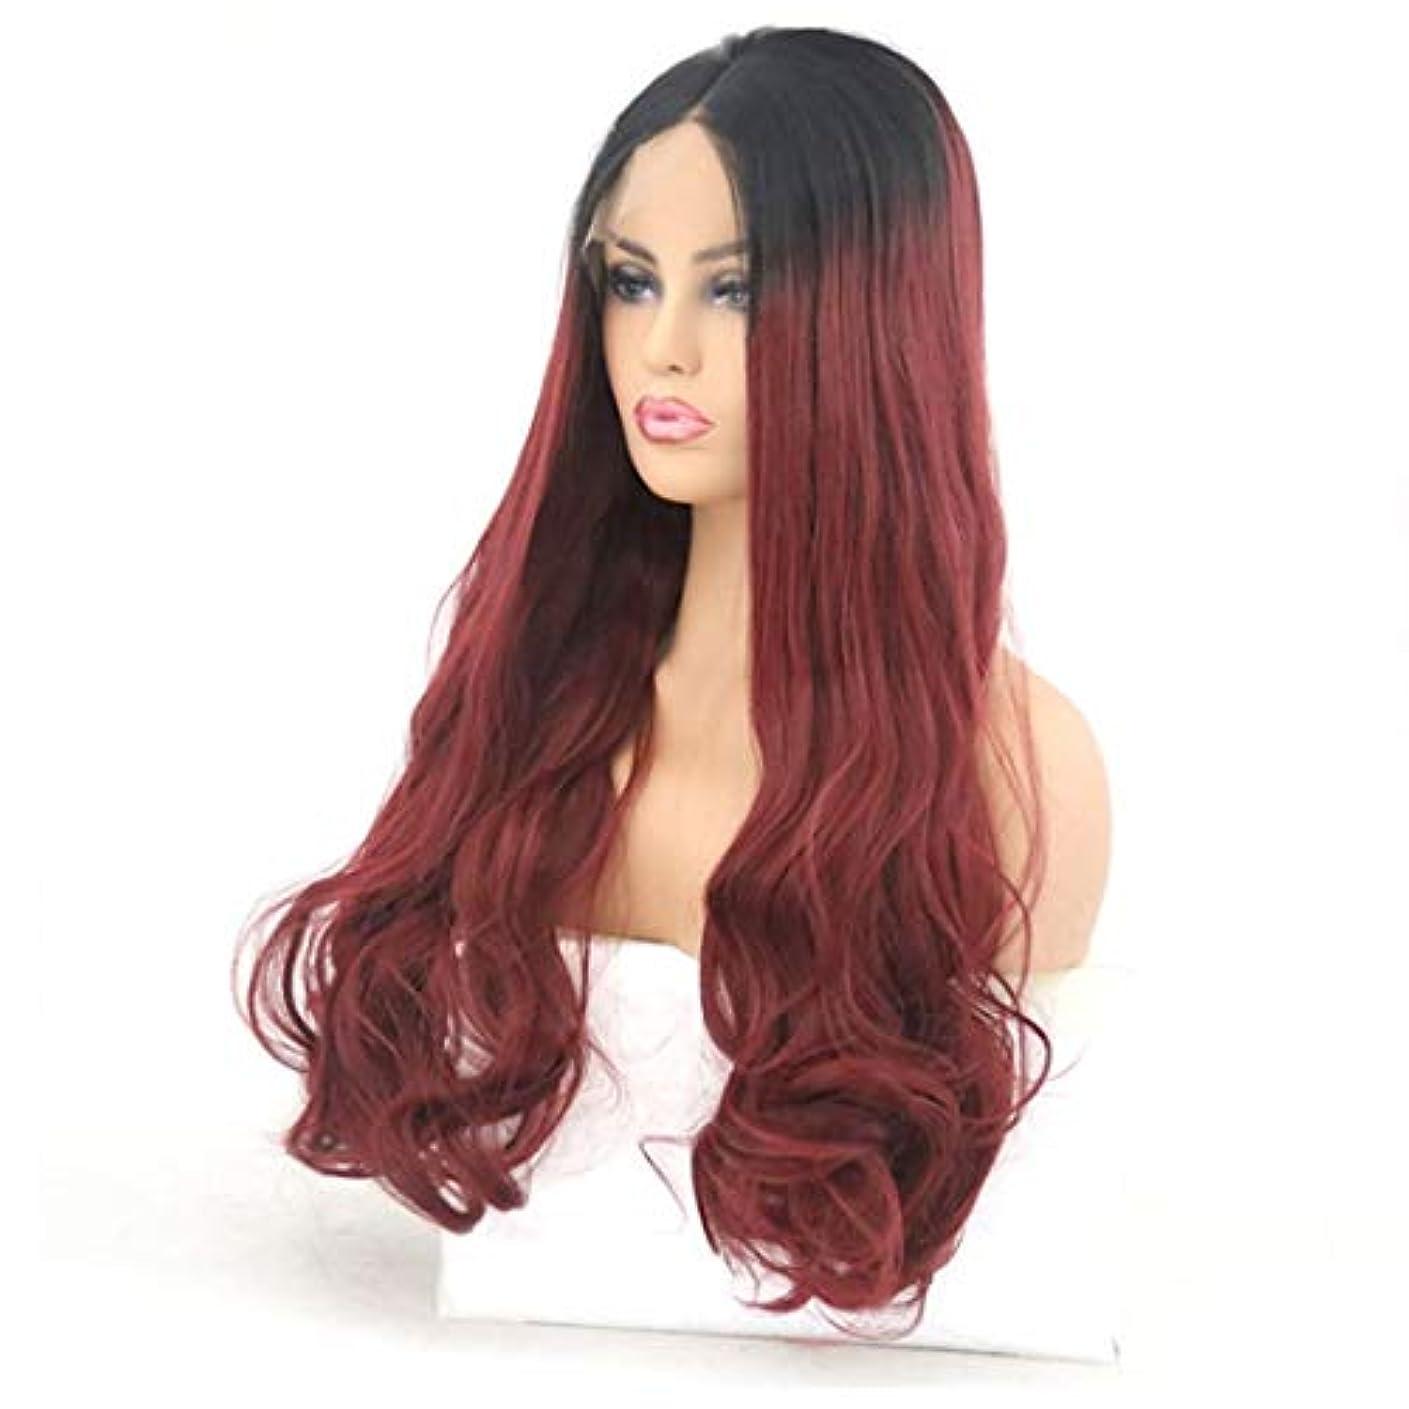 アウトドア法医学豊かにするKerwinner 耐熱性女性のためのフロントレースのかつら長い巻き毛の大きな波状の巻き毛